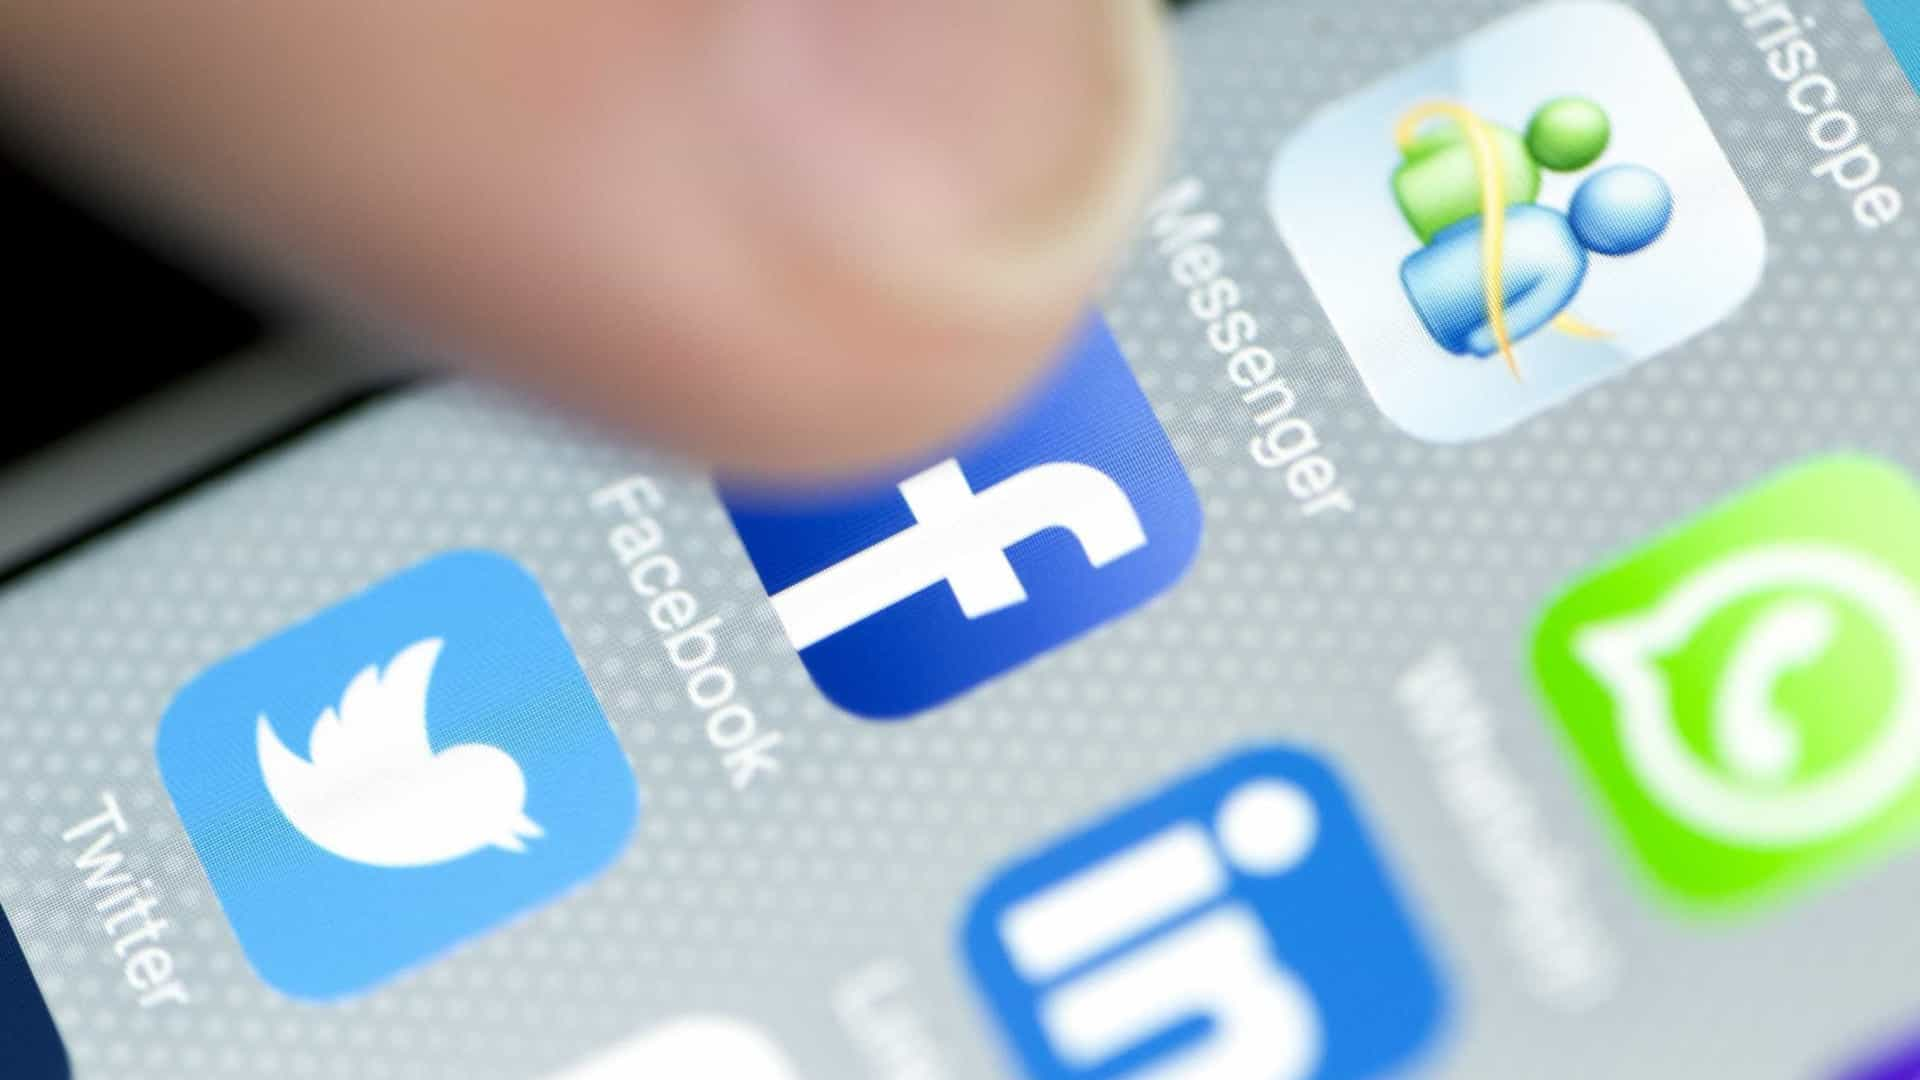 Nem todos são seus amigos. O Facebook está a testar um perfil privado